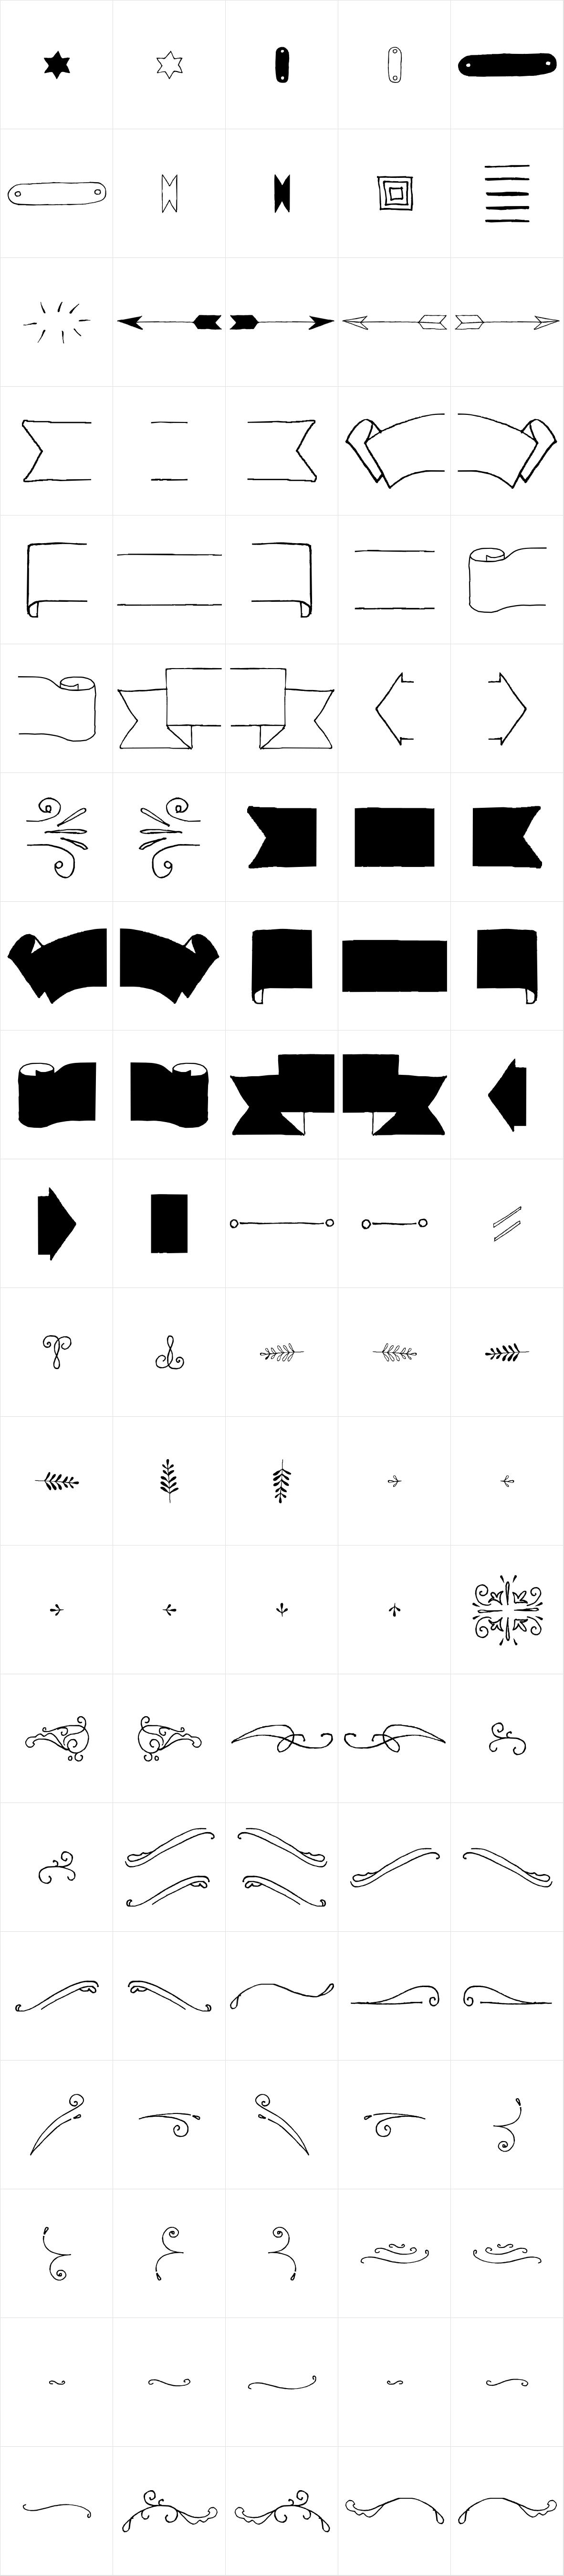 Chameleon Sketch Extra